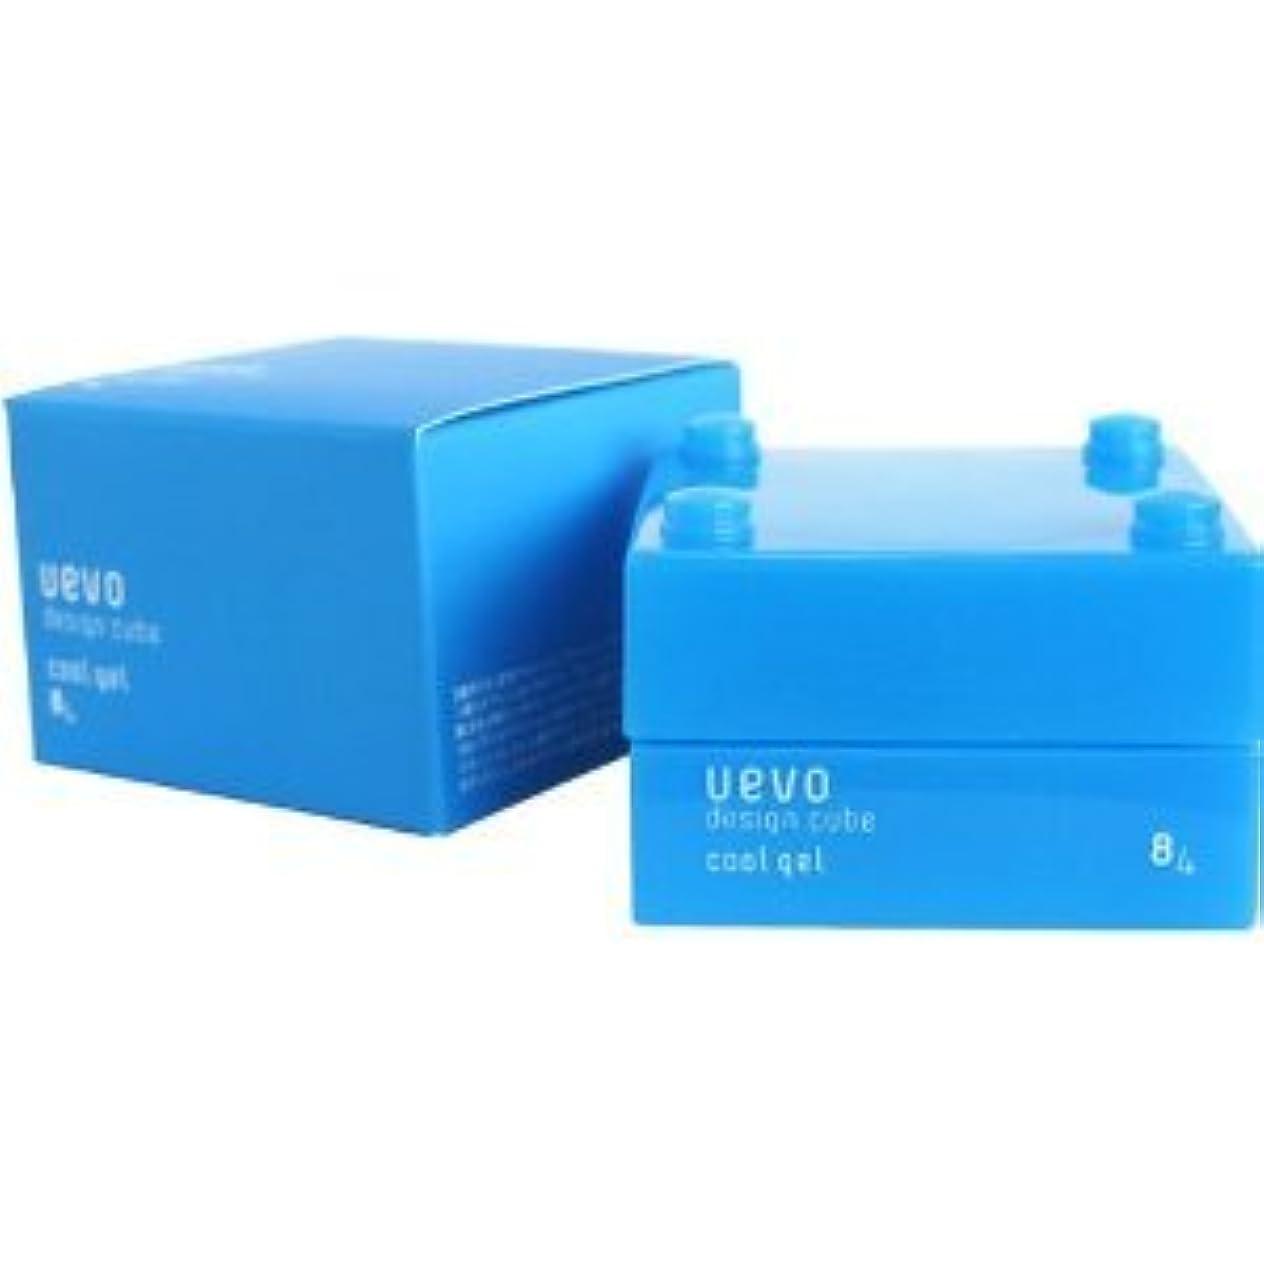 競合他社選手つなぐ平方【X3個セット】 デミ ウェーボ デザインキューブ クールジェル 30g cool gel DEMI uevo design cube